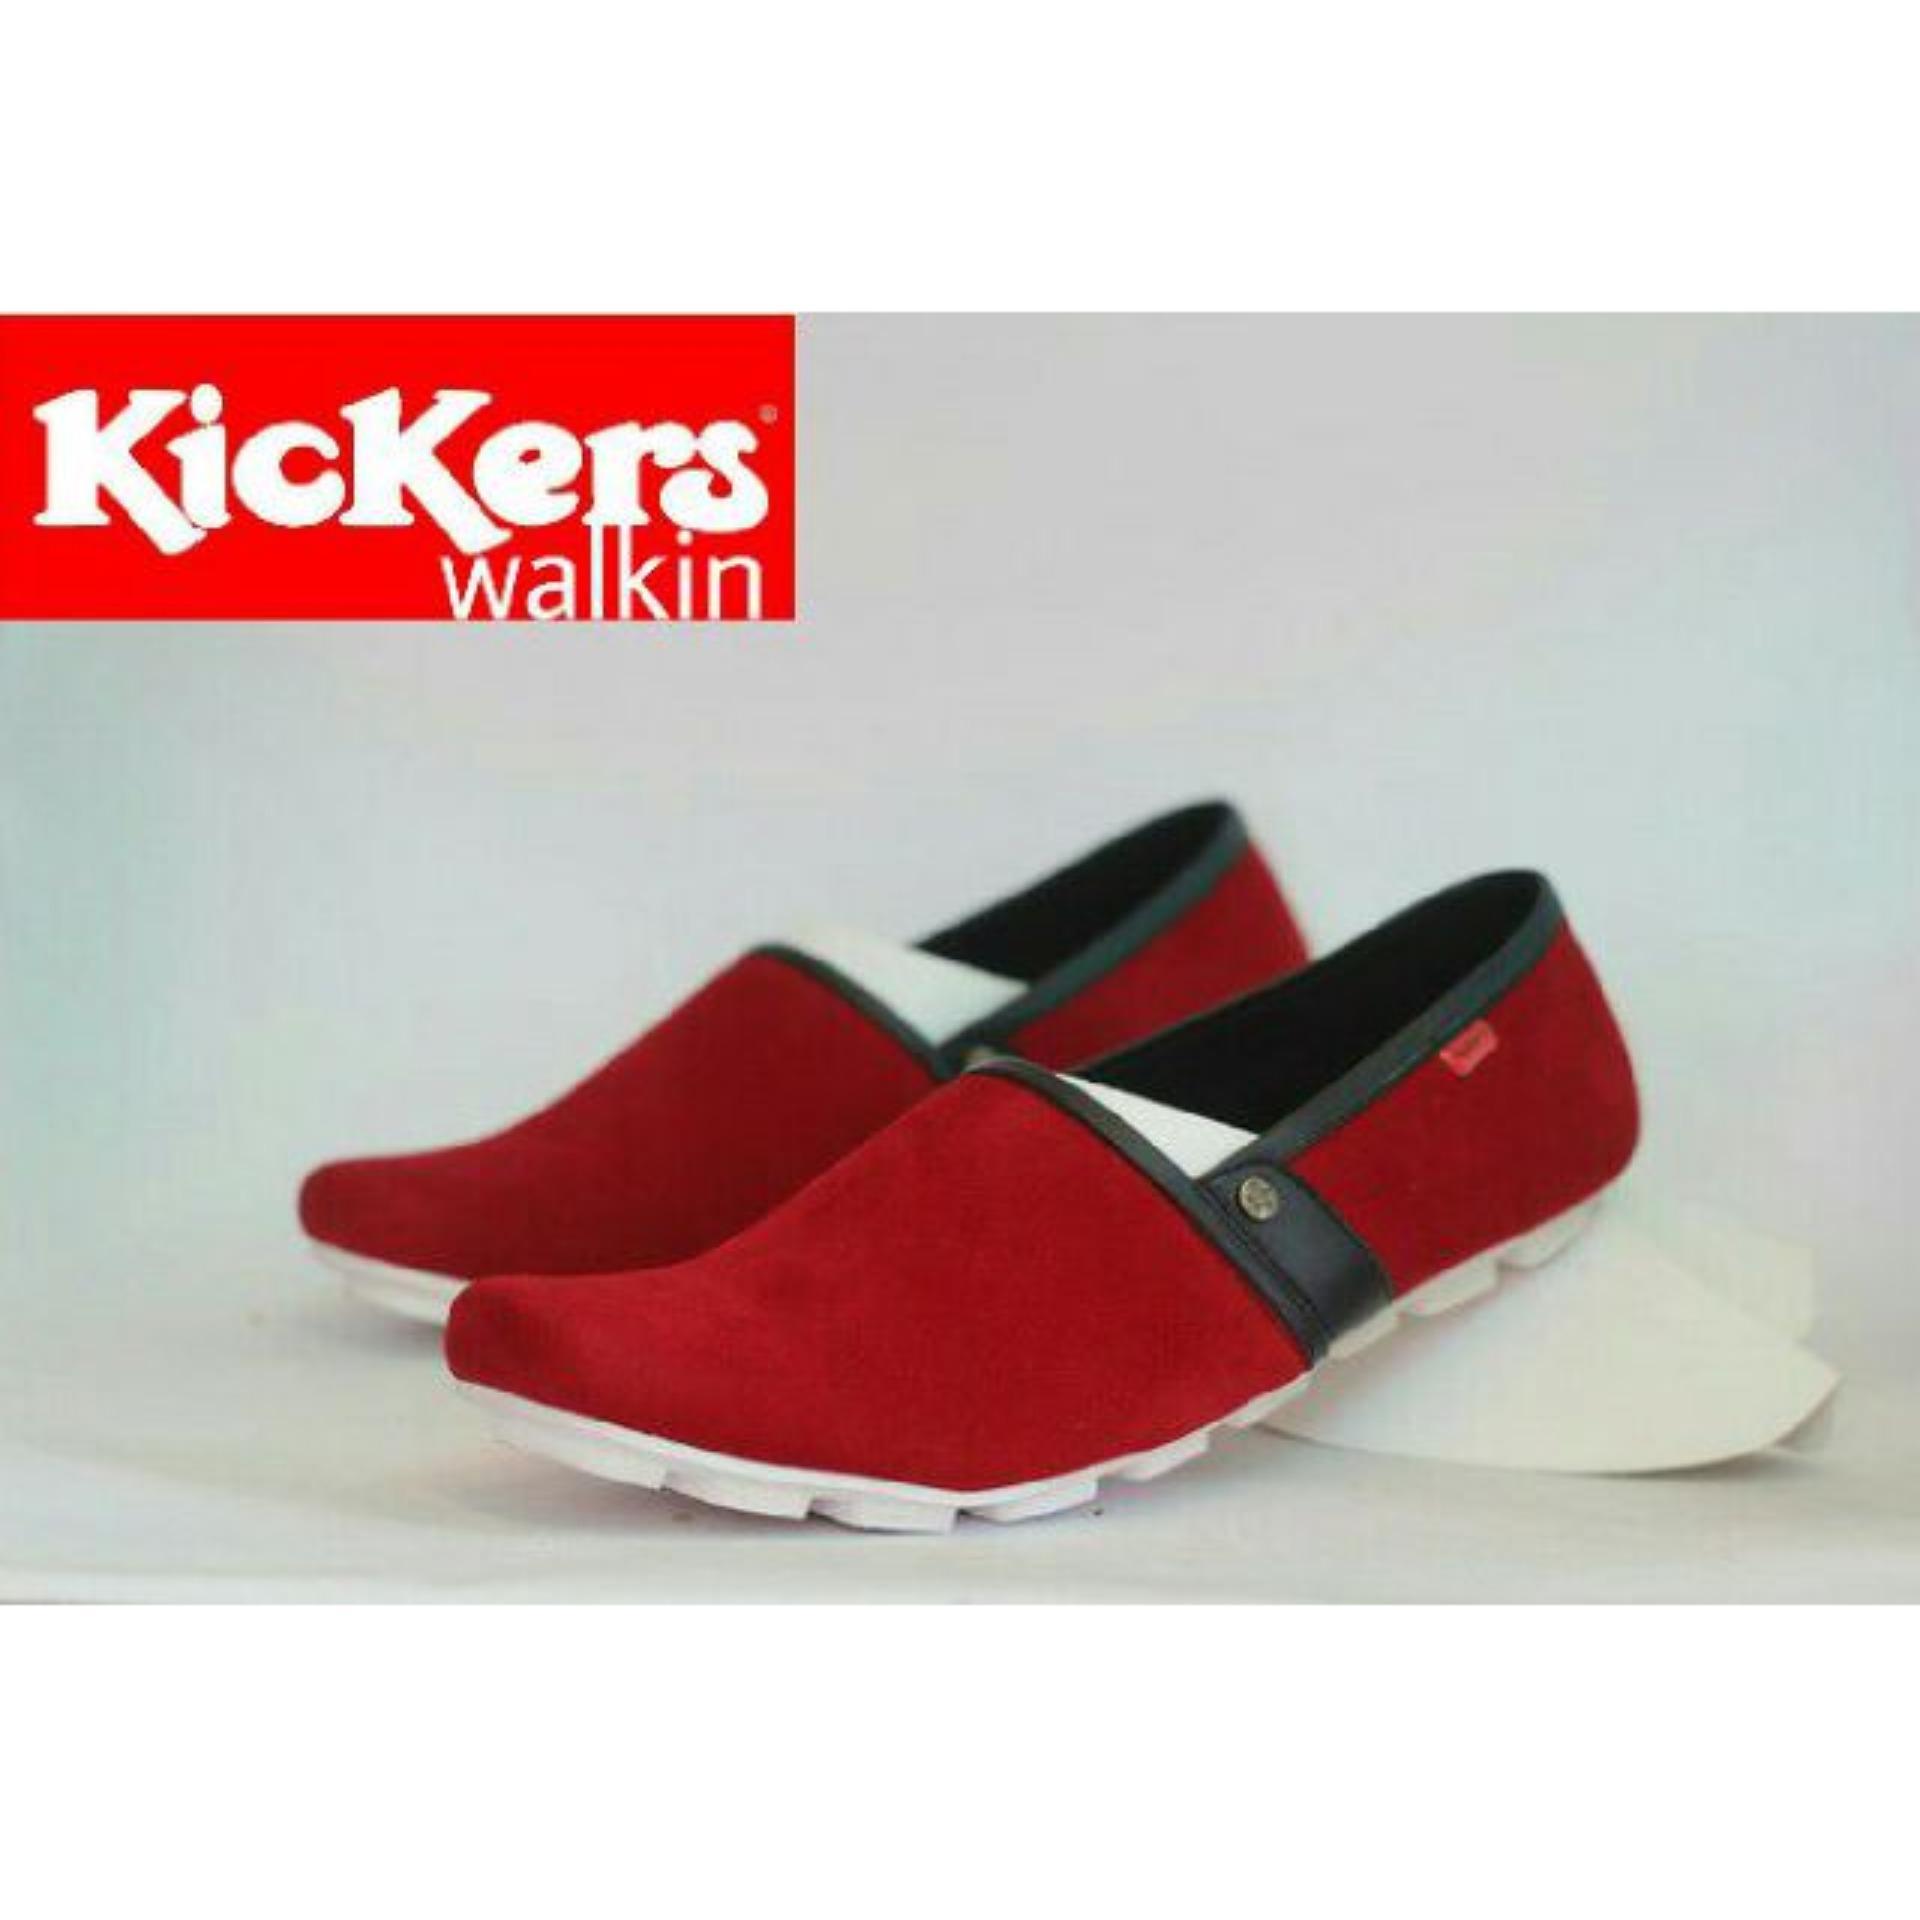 Beli Sepatu Casual Pria Slip On Pria Kickers Walkin Kulit Suede Free Kaos Kaki Dengan Kartu Kredit